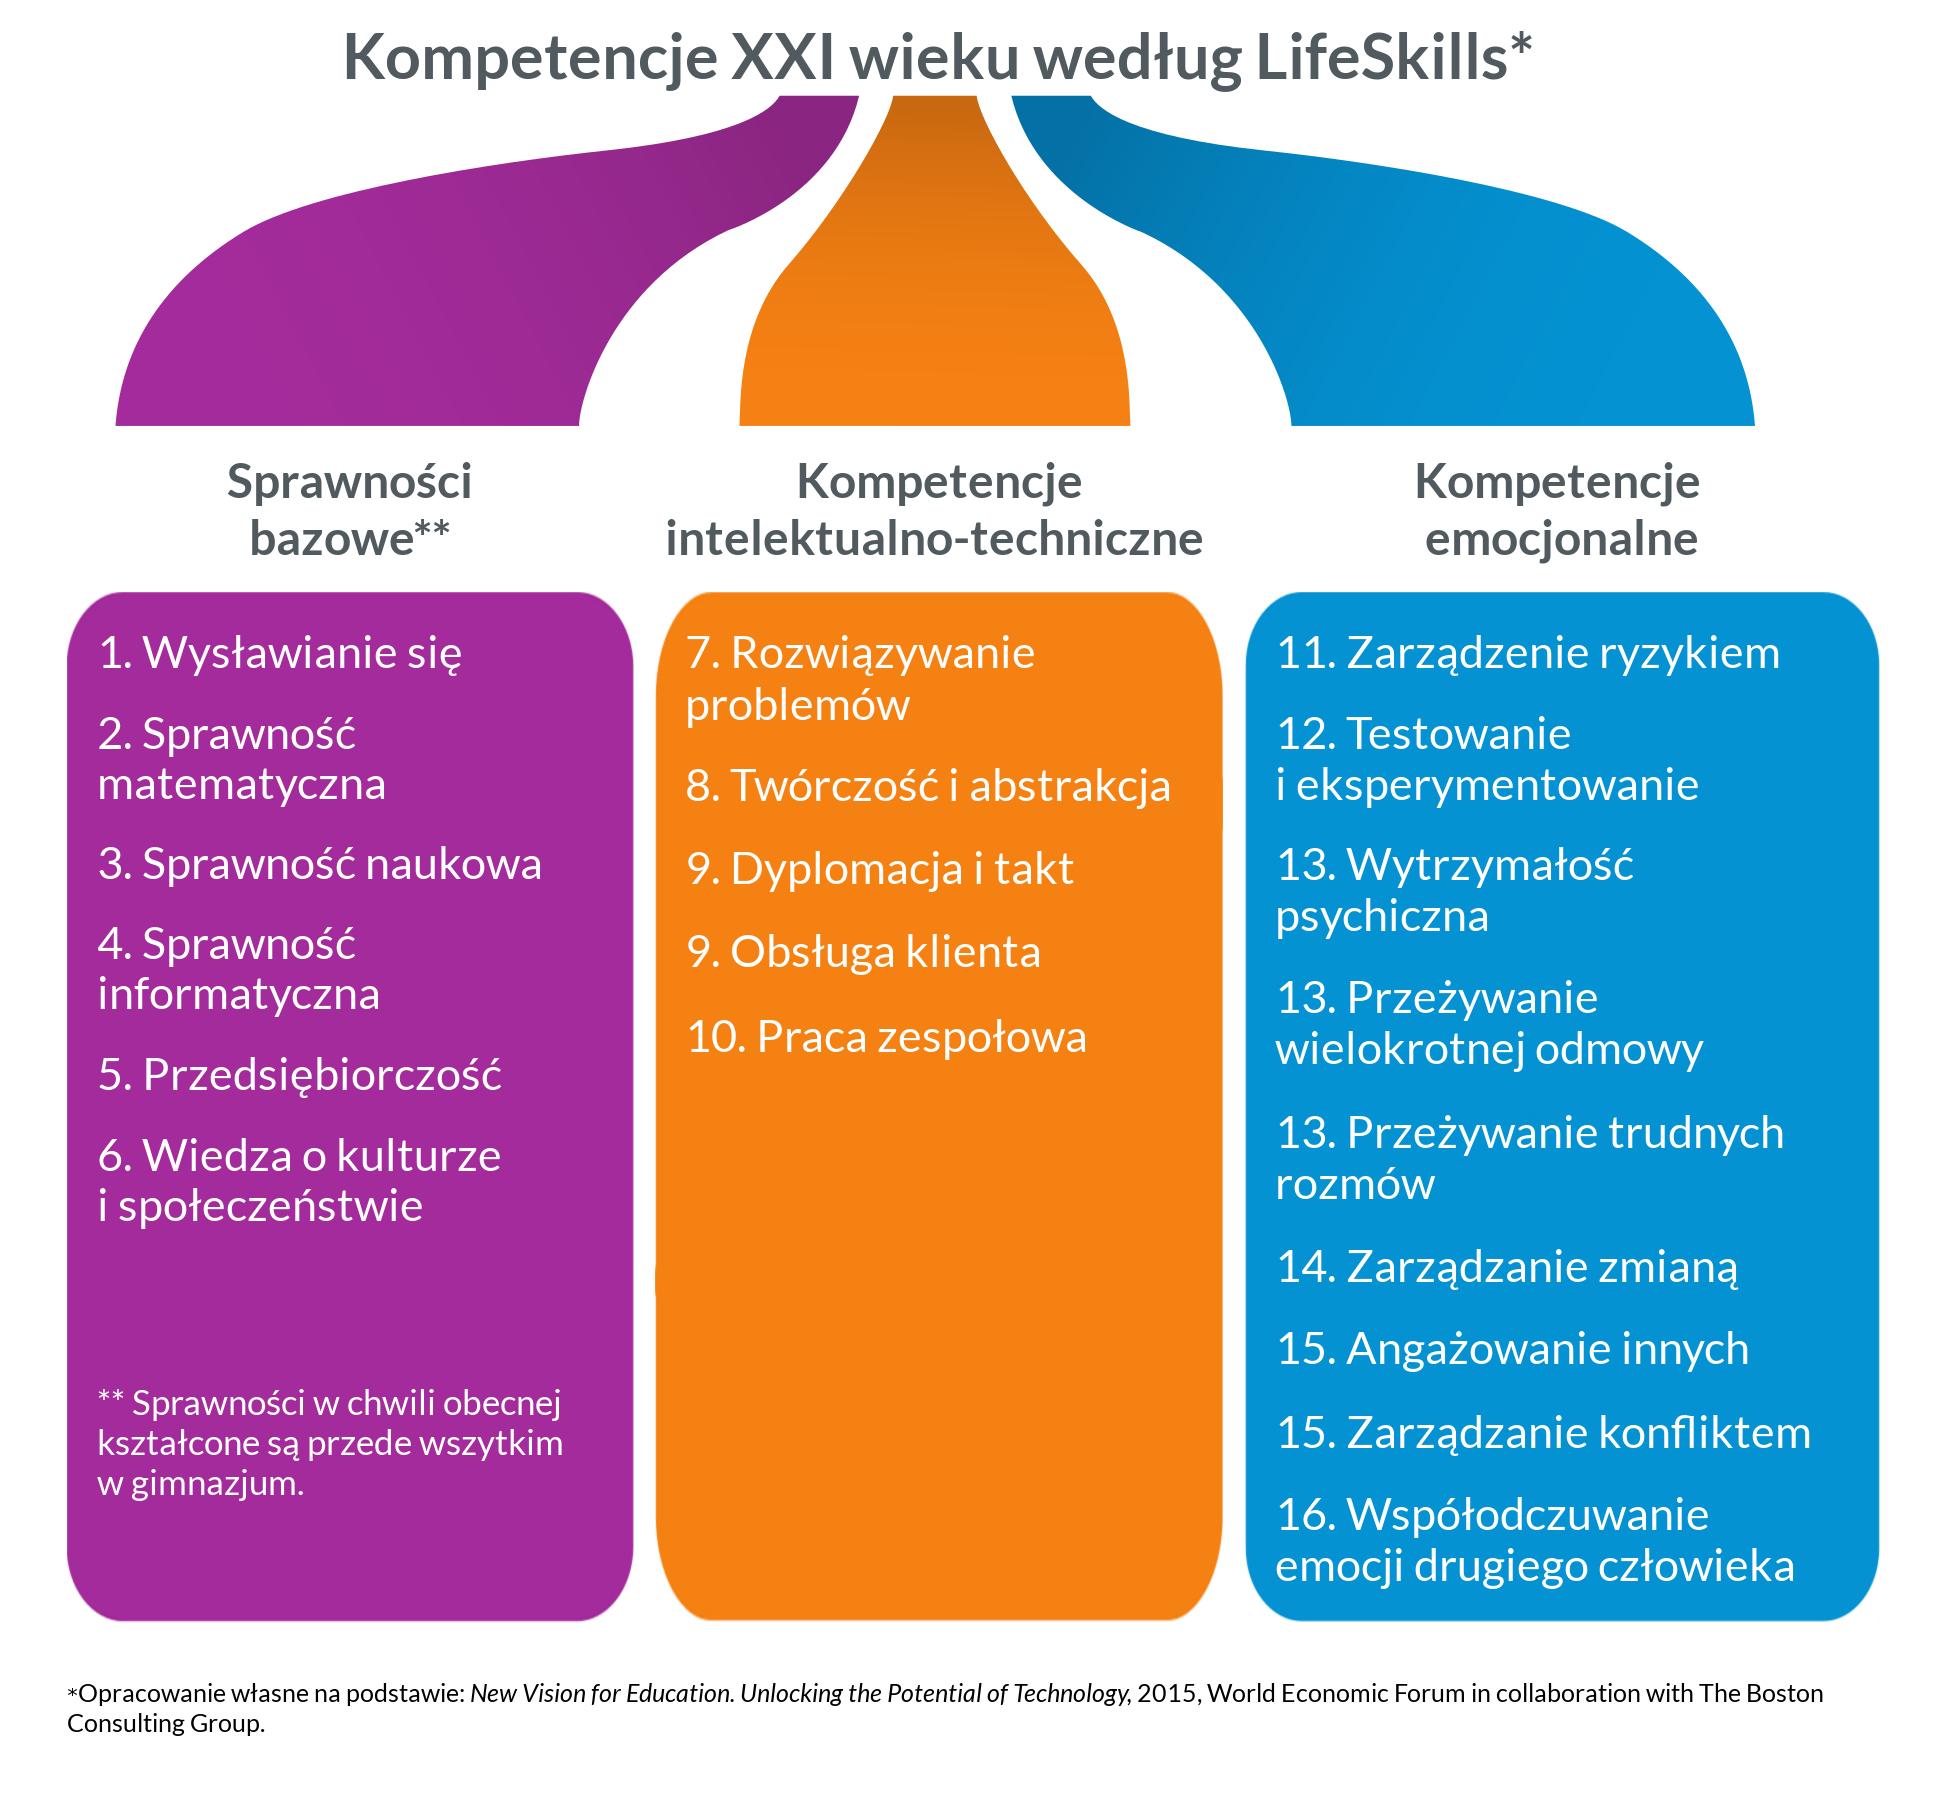 Koncepcja i kompetencje XXI wieku według LifeSkills